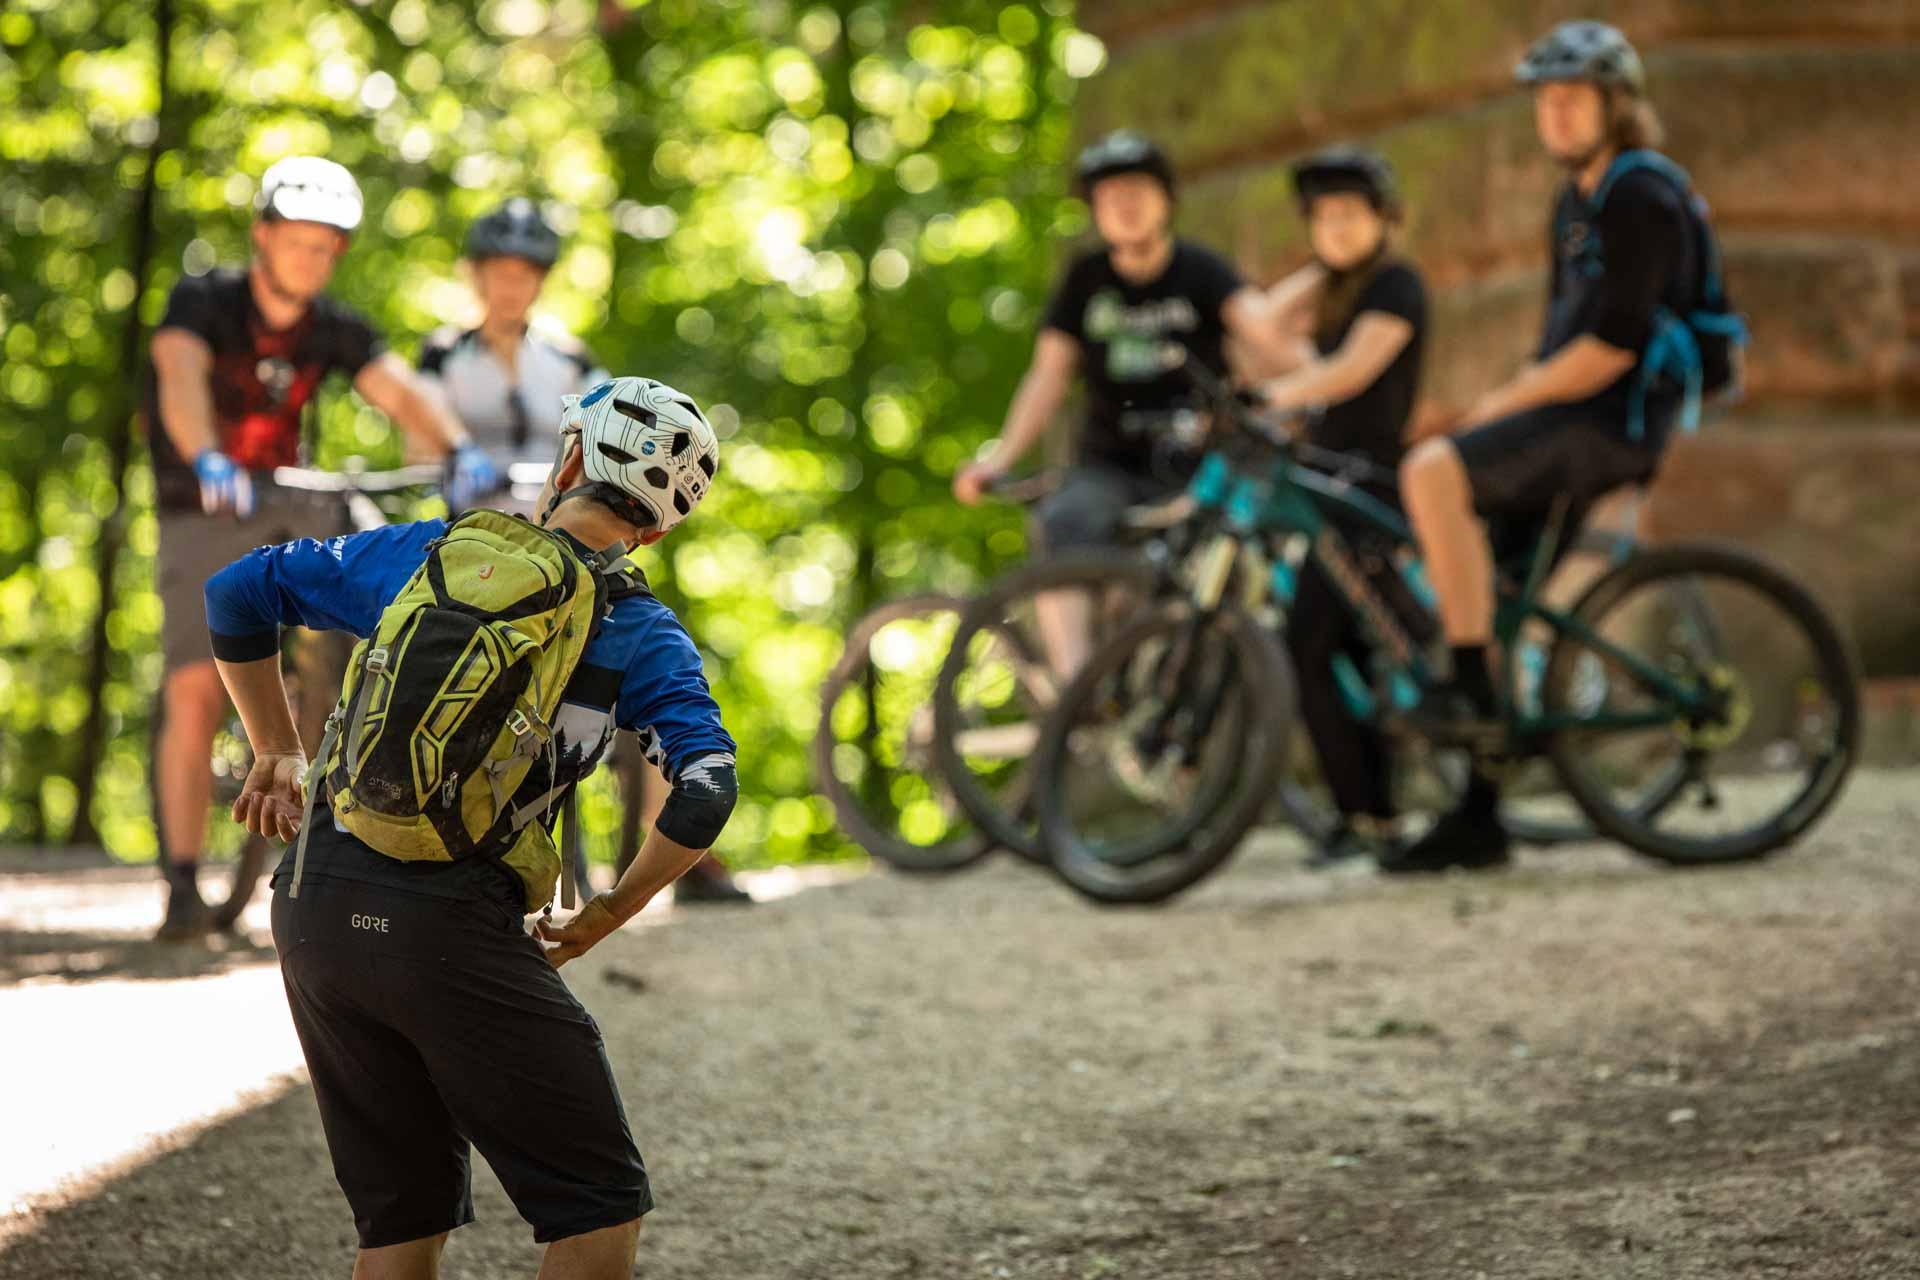 MTB Fahrtechnik Kurs für Einsteiger in Witten - Ruhrgebiet - Mountainbike Basic Ruhrgebit Trail Anfänger - Rock my Trail Bikeschule GmbH - 17